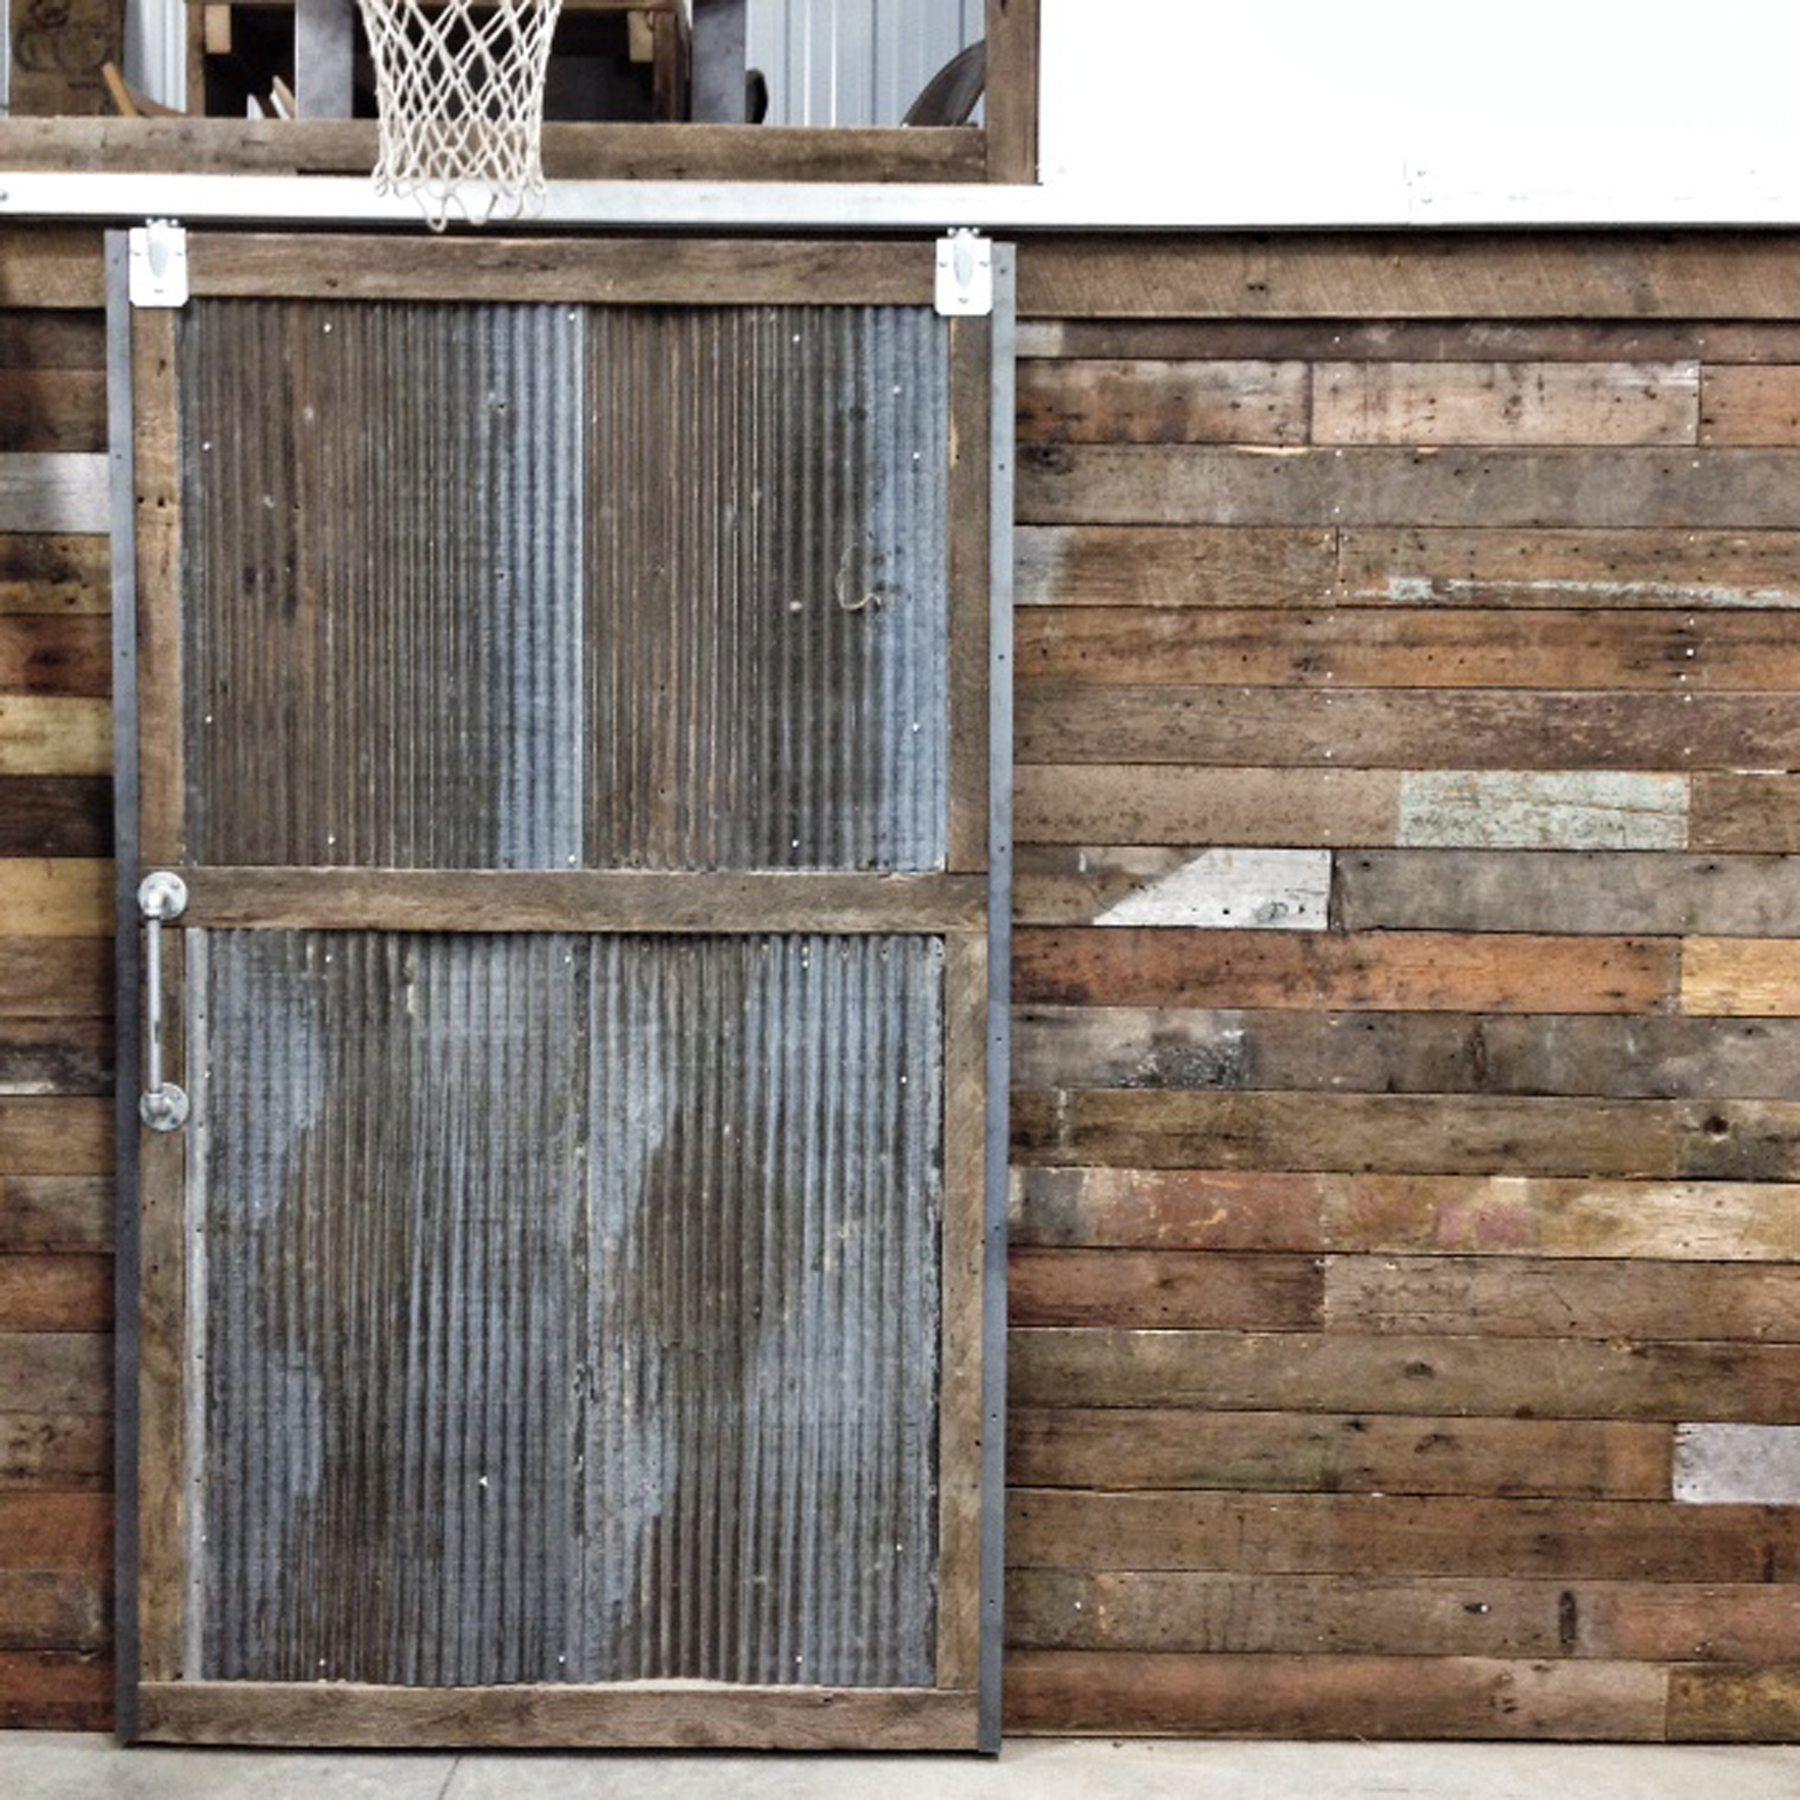 Reclaimed Wood Sliding Barn Doors Residential Commercial Barn Doors Sliding Metal Barn Corrugated Metal